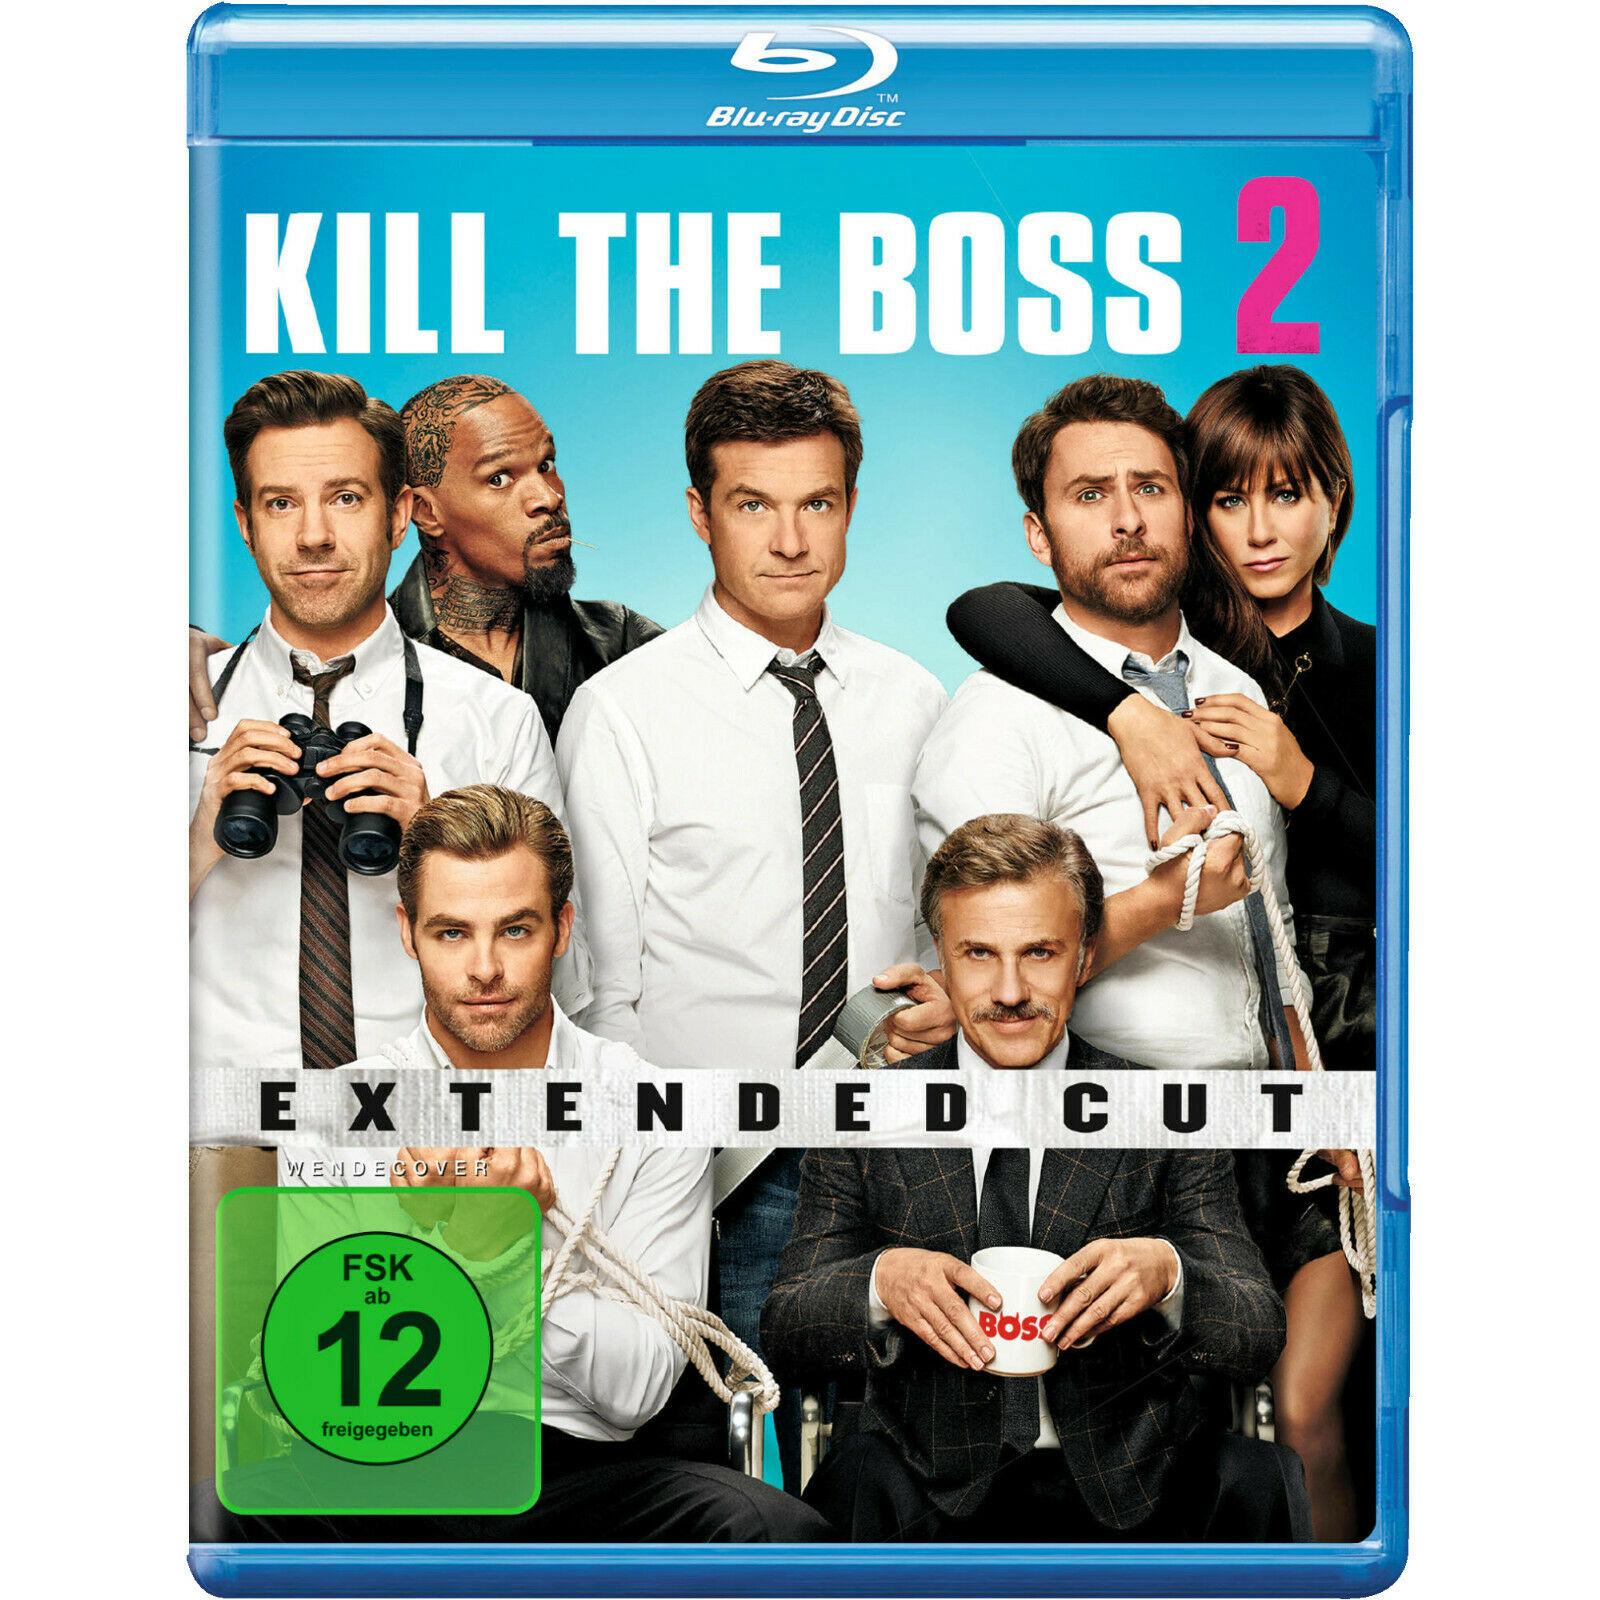 Kill the Boss 2 - Kinofassung und Extended Cut (Blu-ray) für 6€ versandkostenfrei (Saturn)